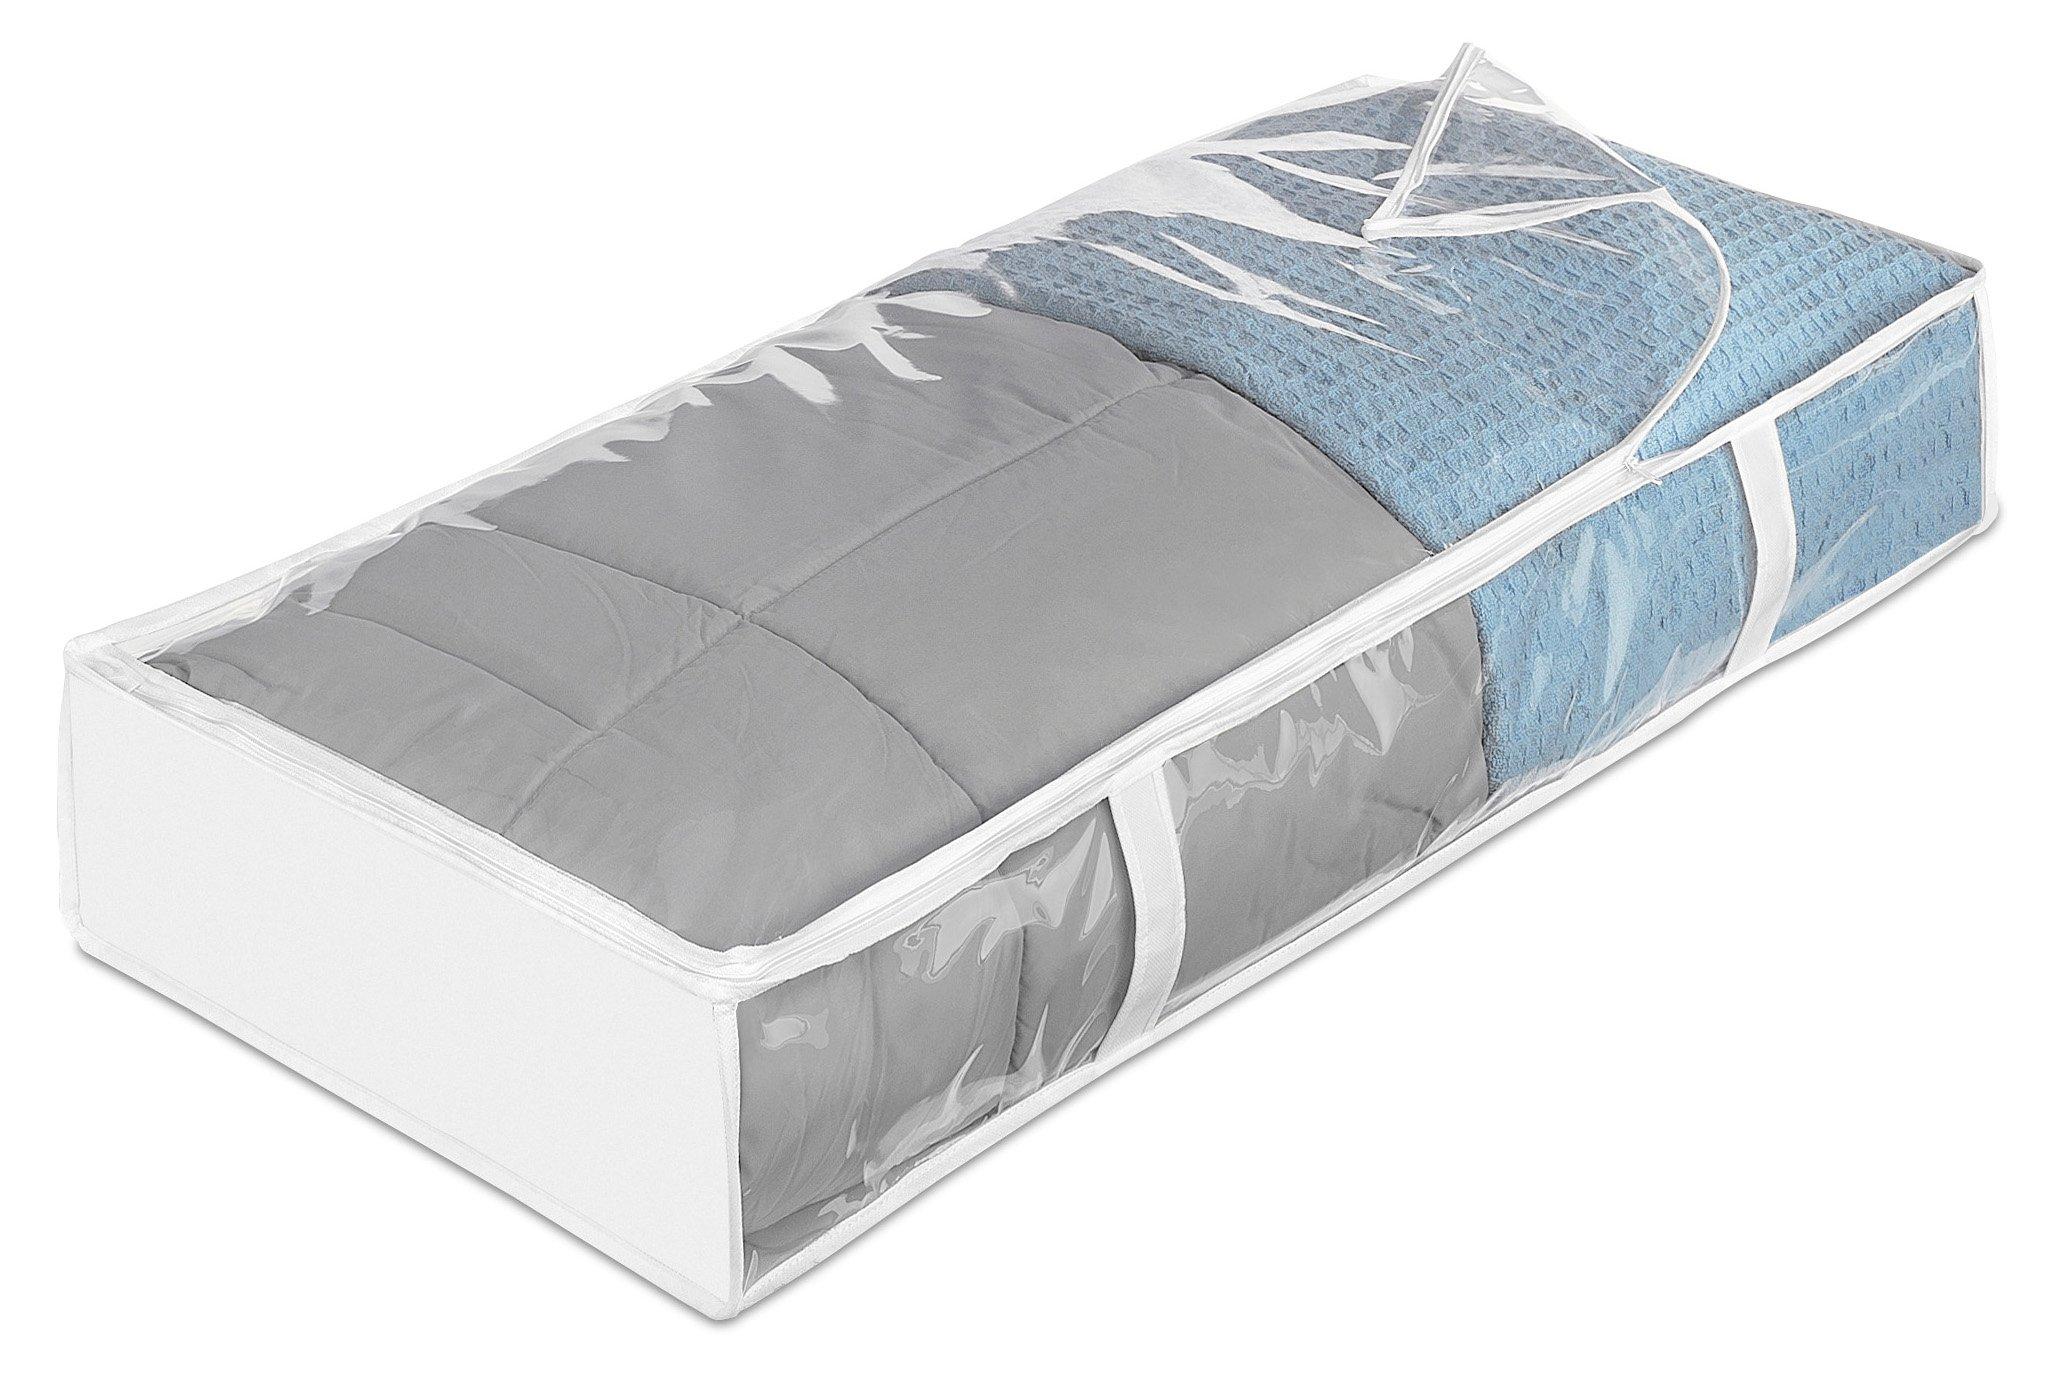 Home Bedroom Bedding Jumbo Underbed Storage Bag Cloths